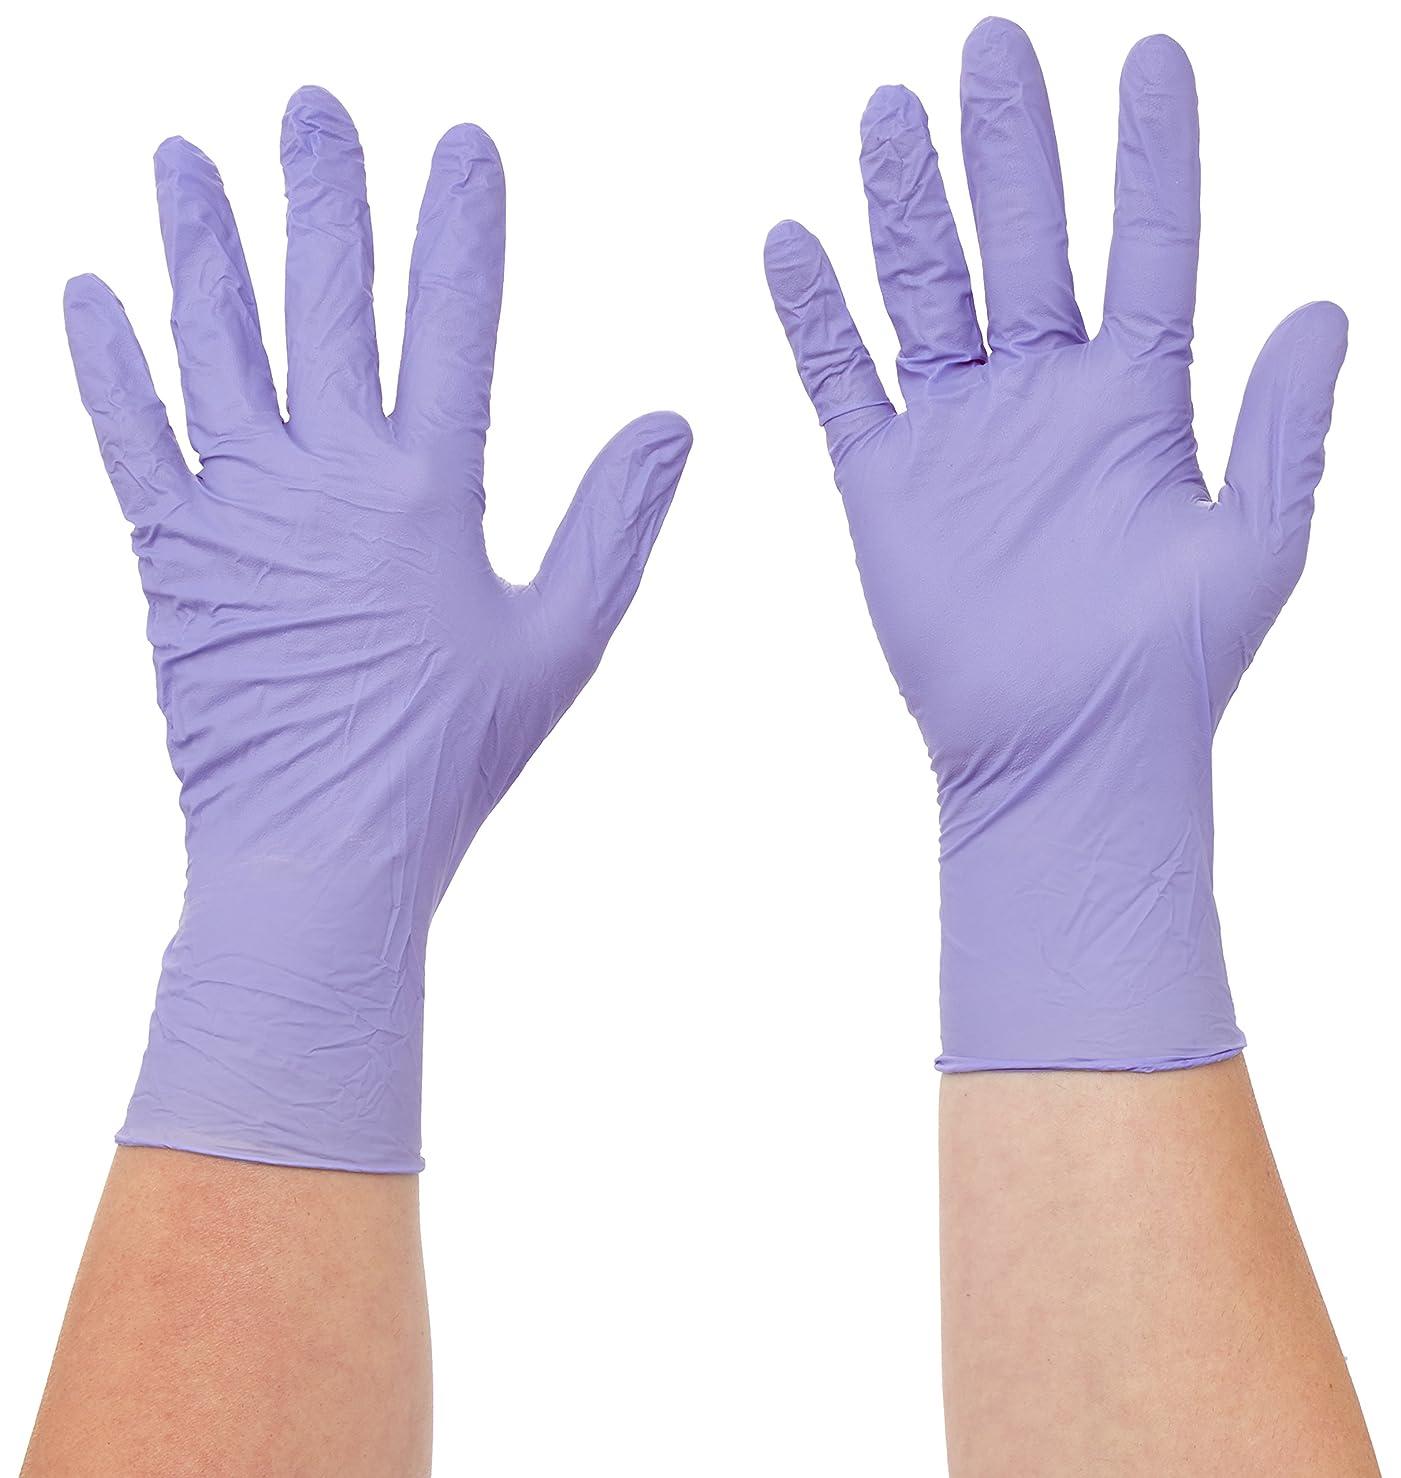 間違えた尊厳妊娠したSemperit 使い捨てニトリル手袋 Xtra Lite 0.14mm 粉無(入数:180枚) 3000001621